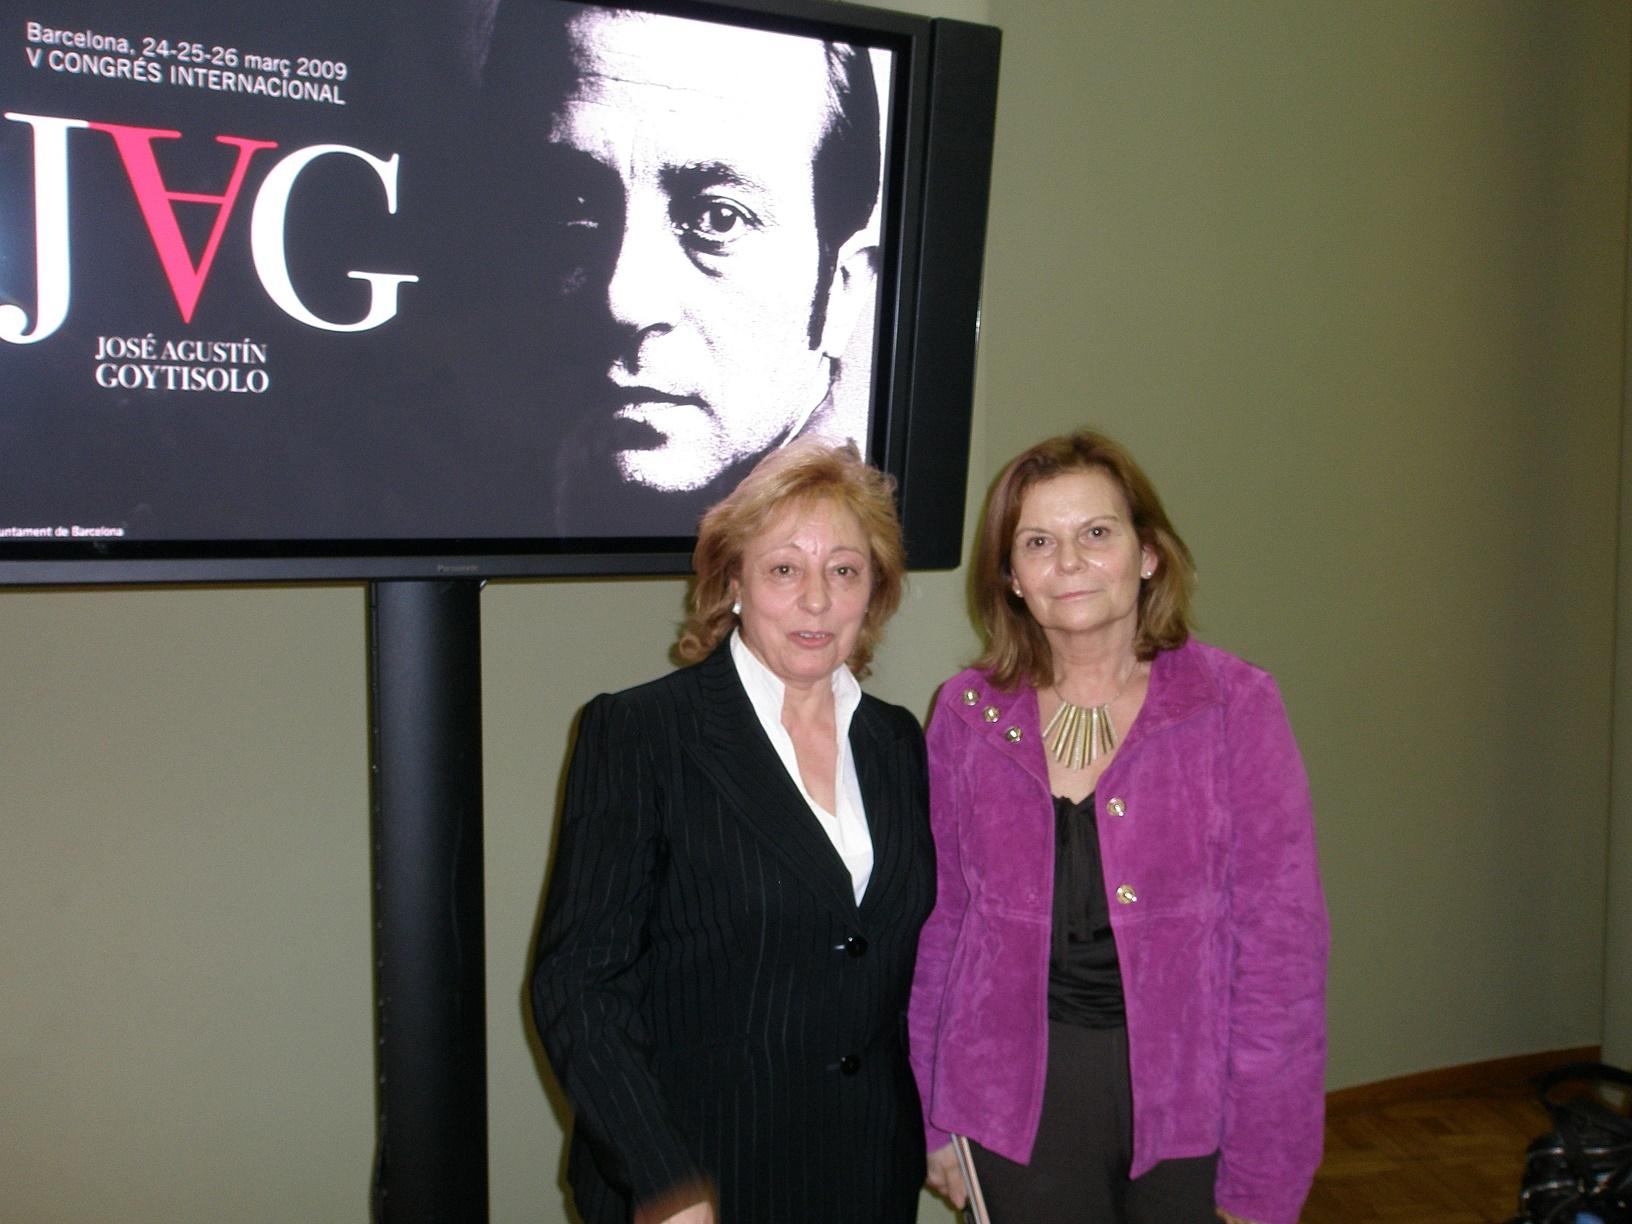 Junto a Carme Riera en el V Congreso Internacional dedicado a José Agustín Goytisolo